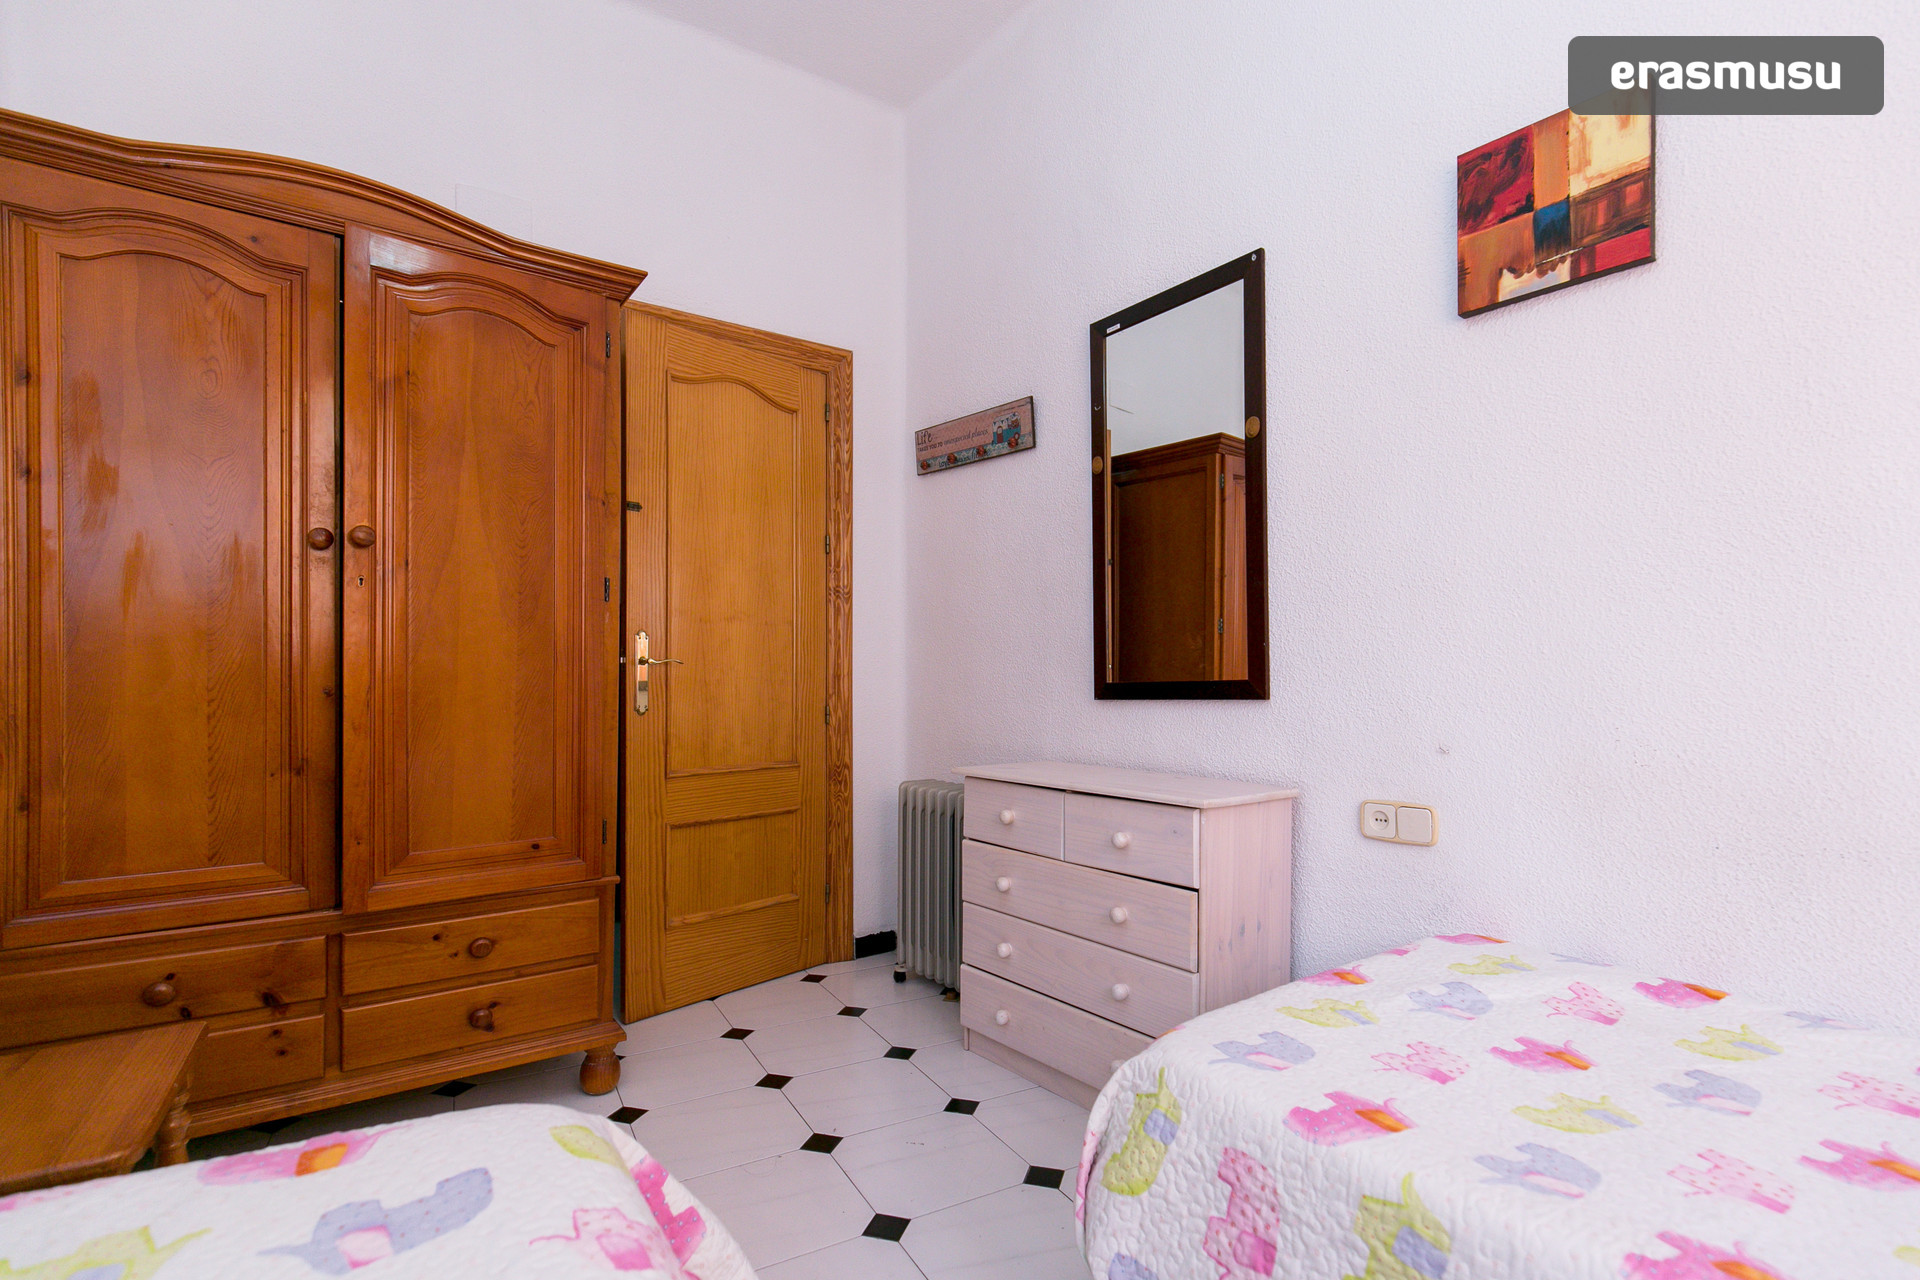 Estupenda habitación con dos camas, muy luminosa en pleno corazó